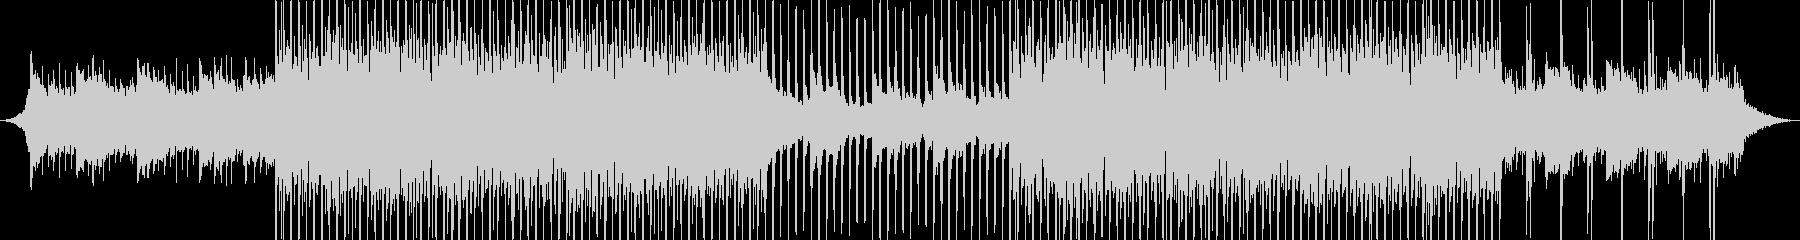 洋楽風 トロピカルハウス アコギの未再生の波形